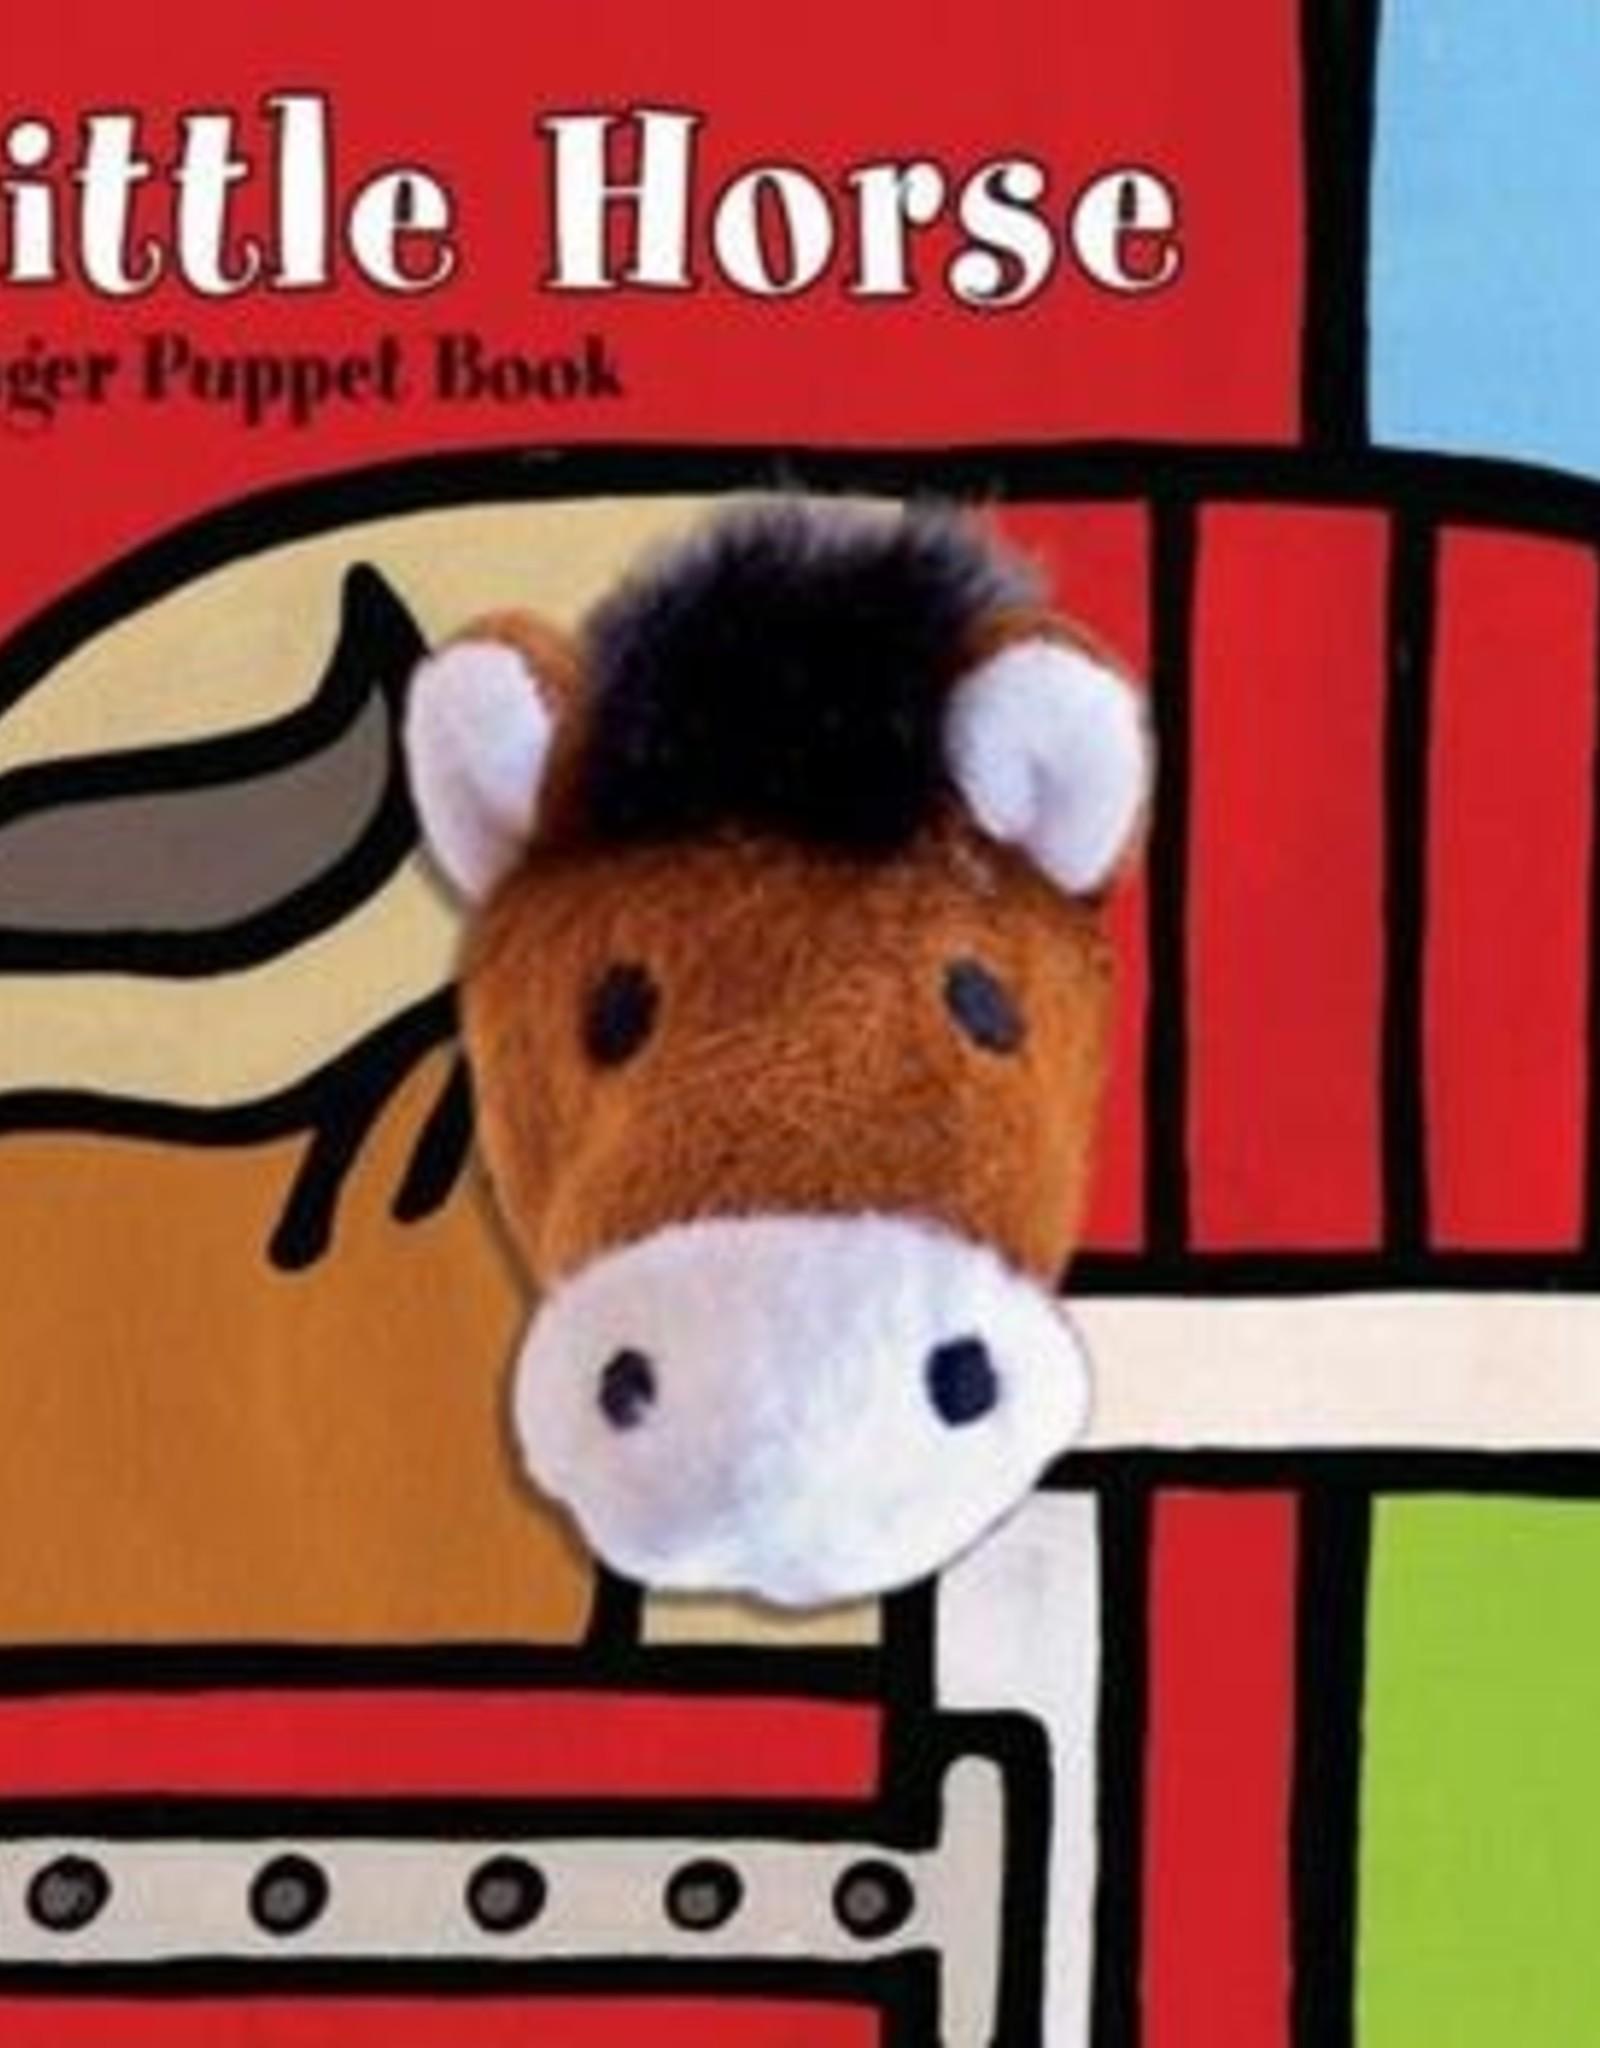 Little Horse Finger Puppet Book